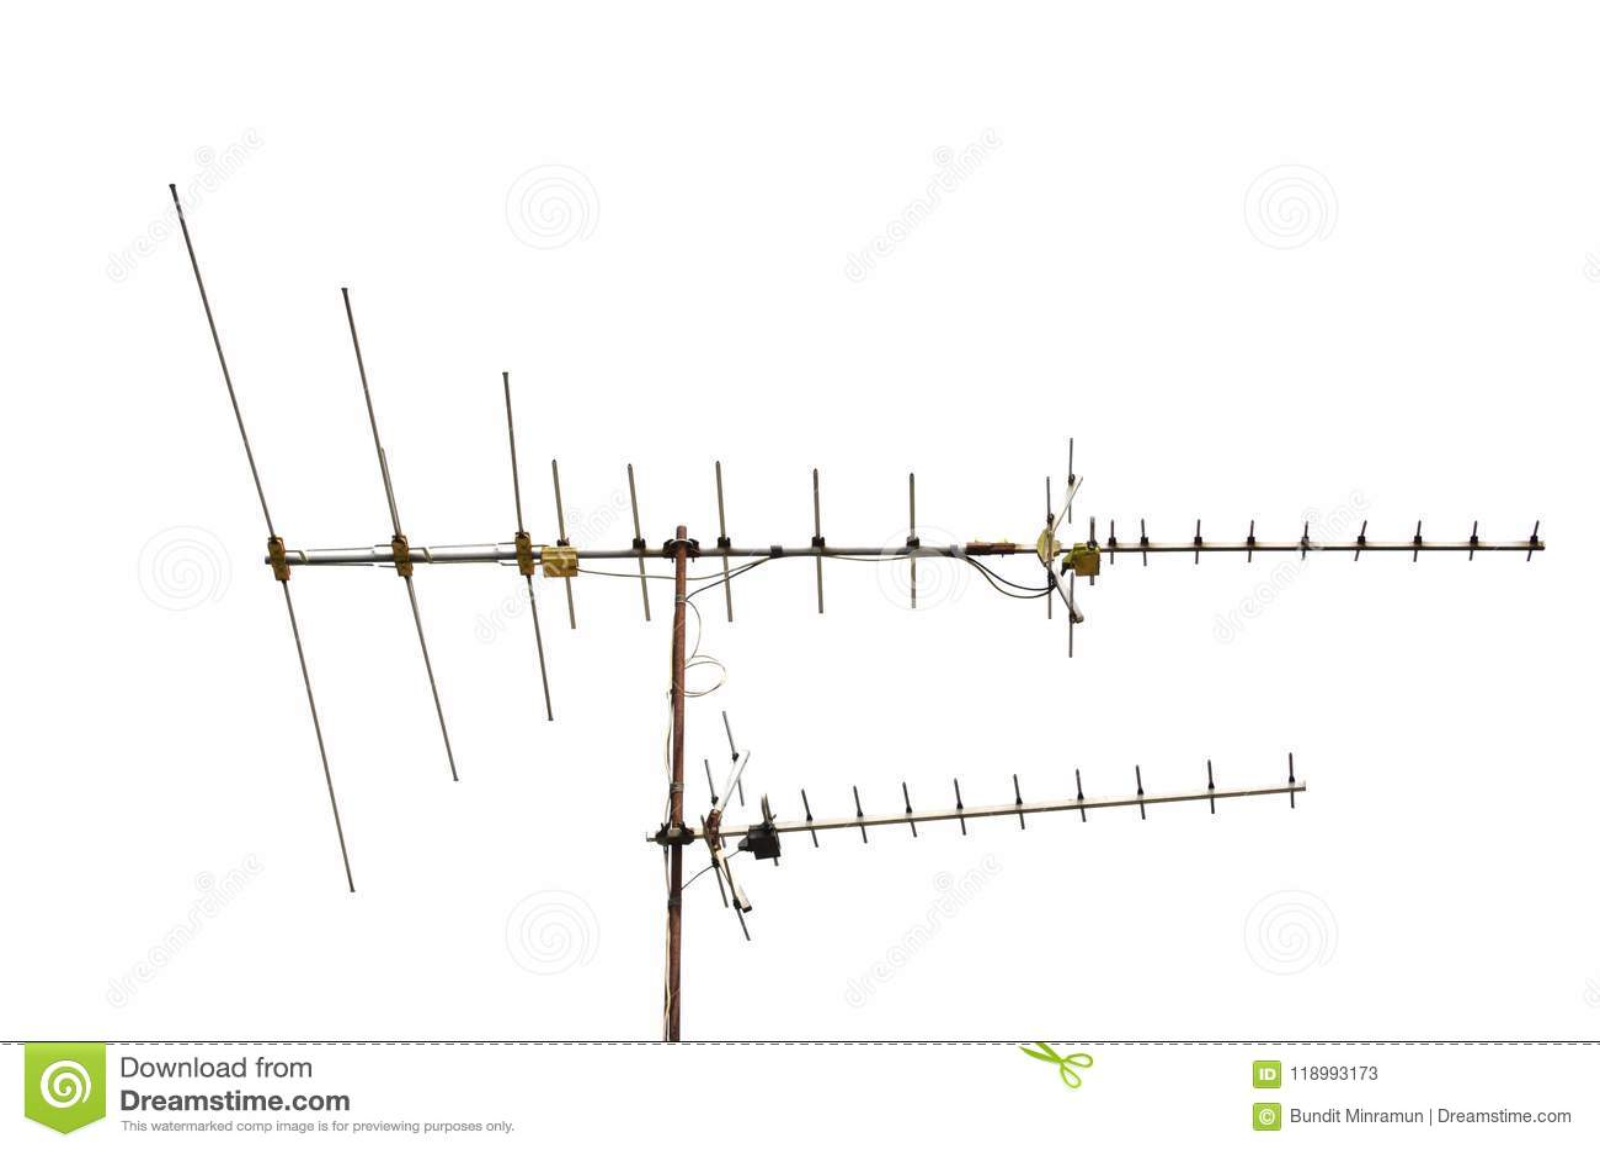 Tv Antenna Isolated On White Background  Stock Image - Image of